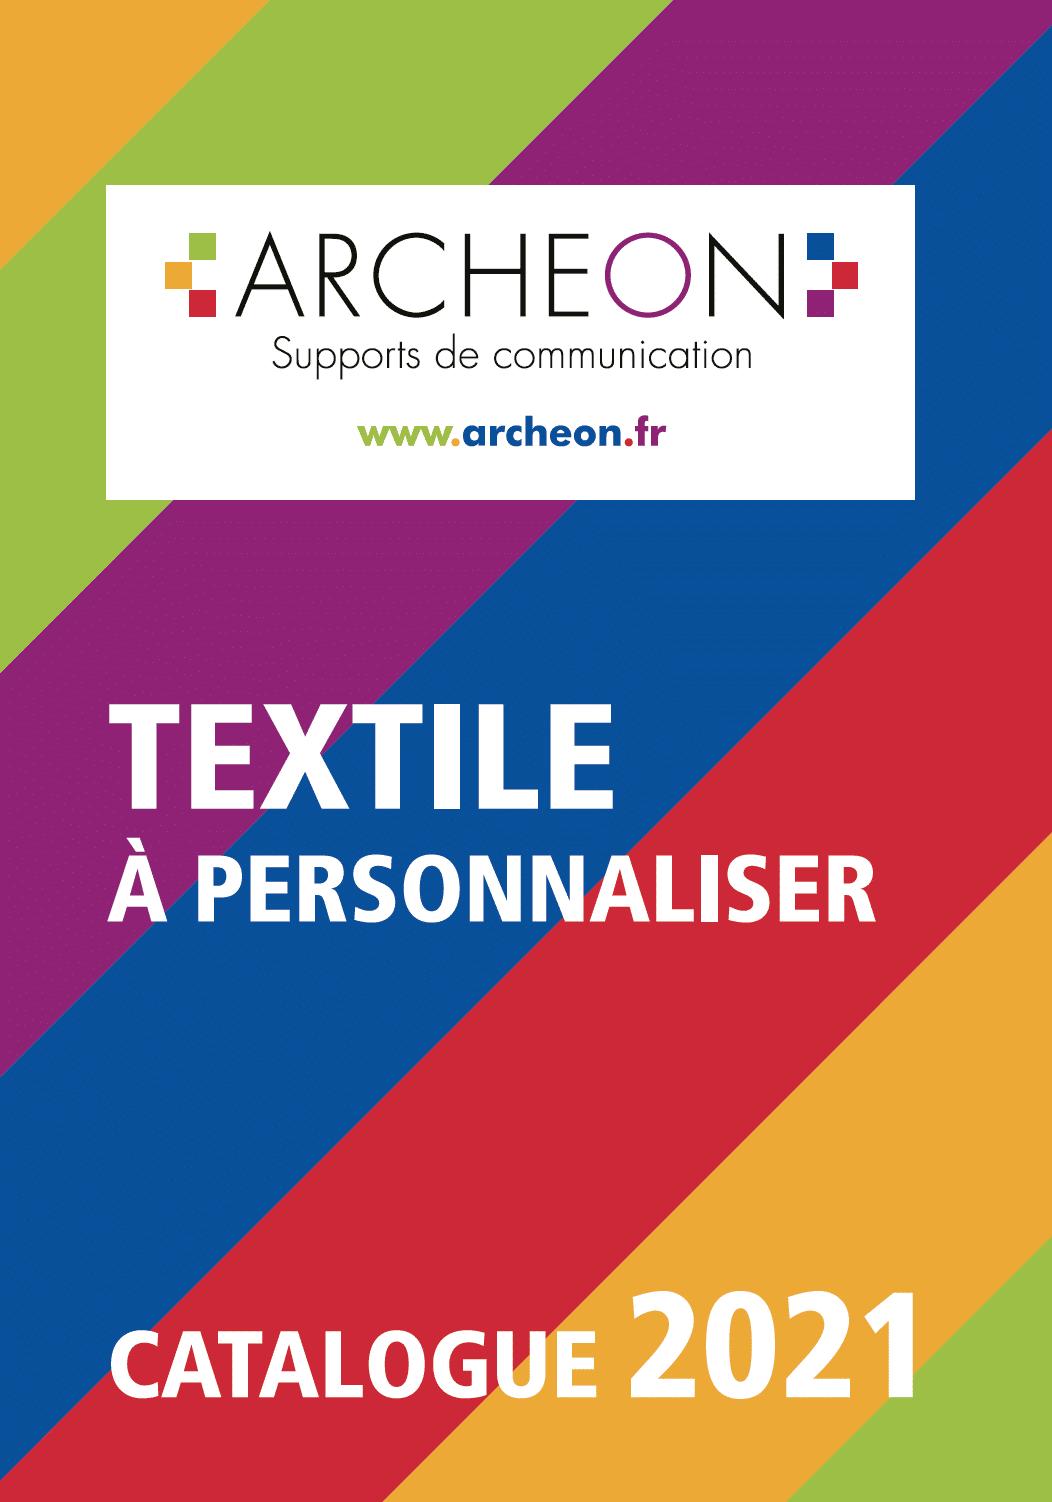 COUVERTURE-TOPTEX-ARCHEON-TEXTILE-PERSONNALISATION-2021